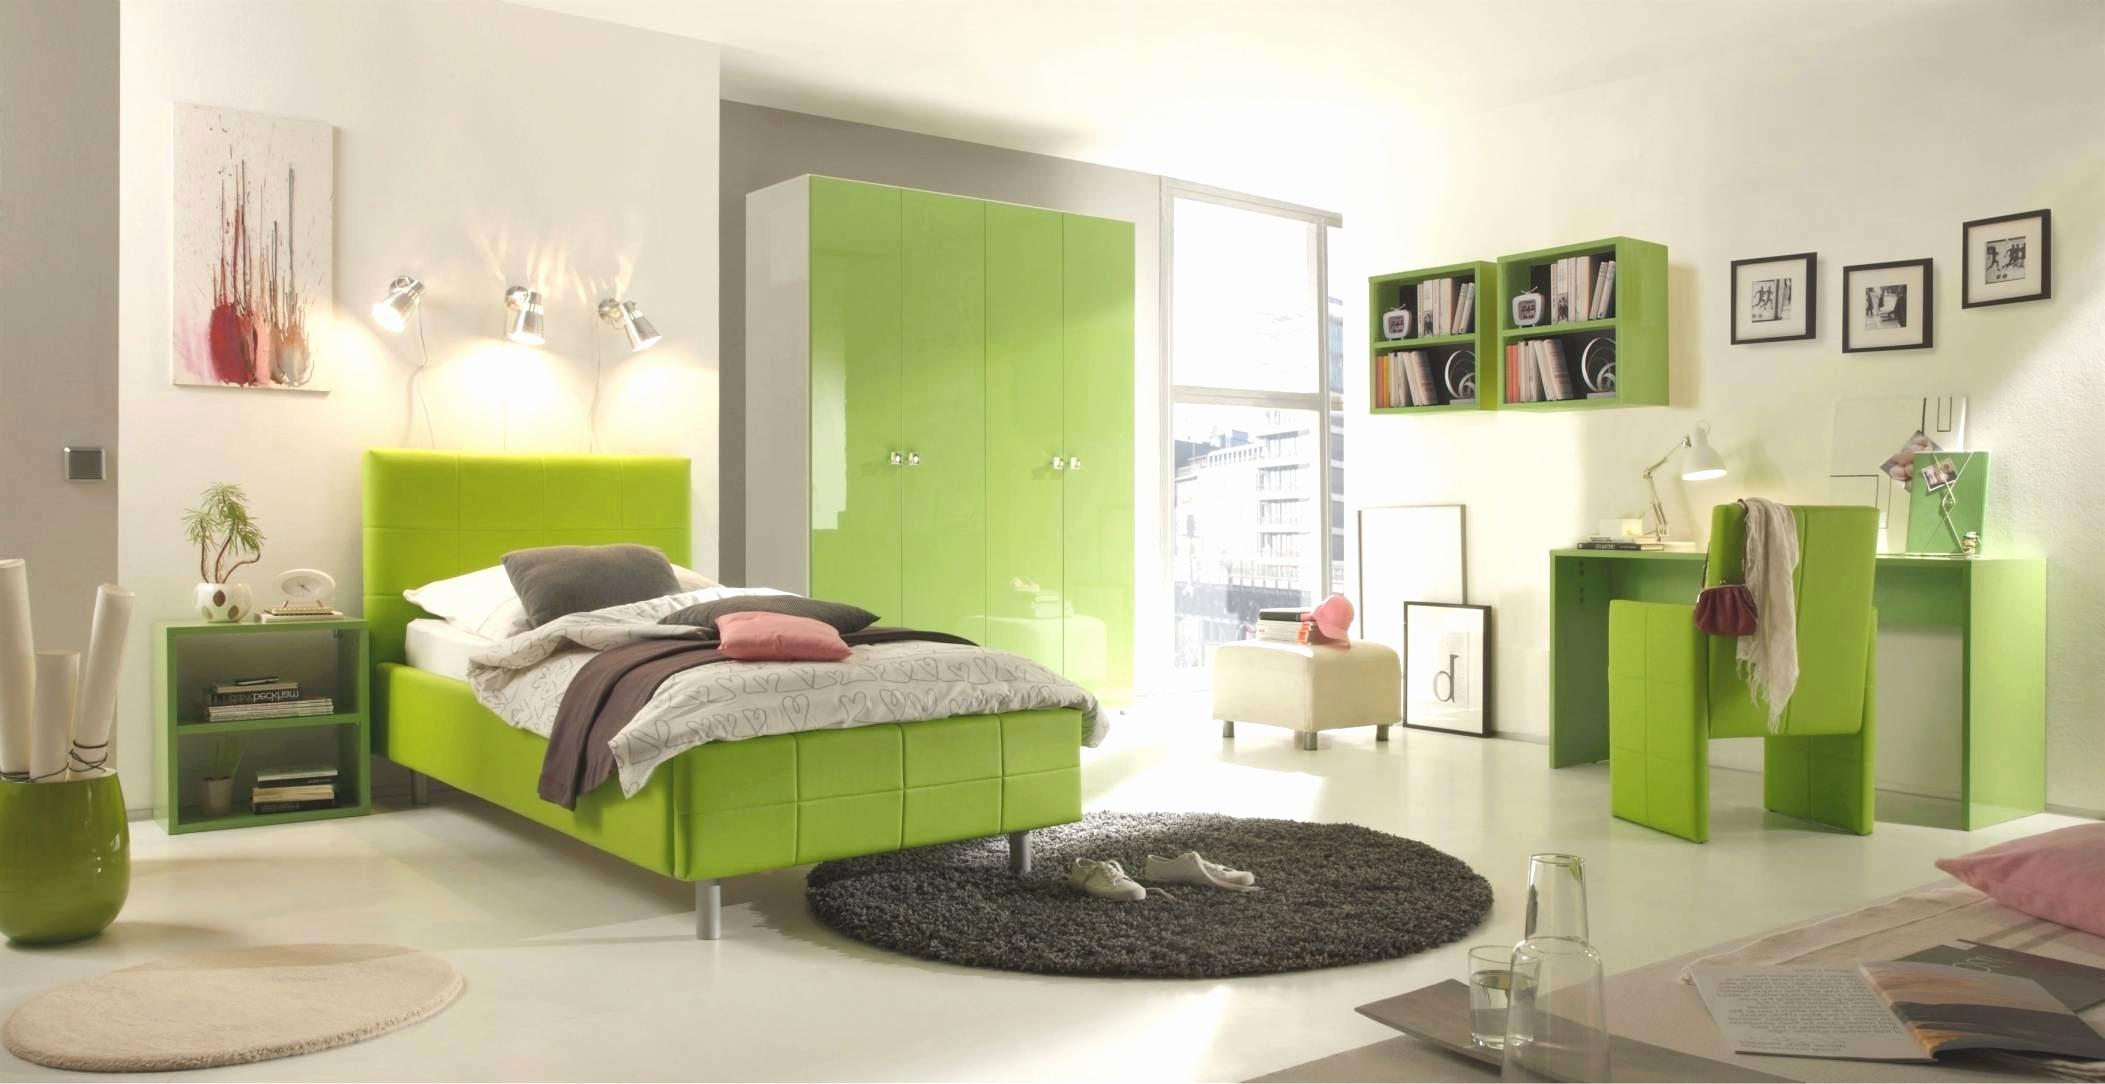 Full Size of Ikea Jugendzimmer Kinderzimmer Ideen Luxus Einzigartig Sofa Mit Schlaffunktion Bett Betten 160x200 Bei Küche Kosten Modulküche Miniküche Kaufen Wohnzimmer Ikea Jugendzimmer